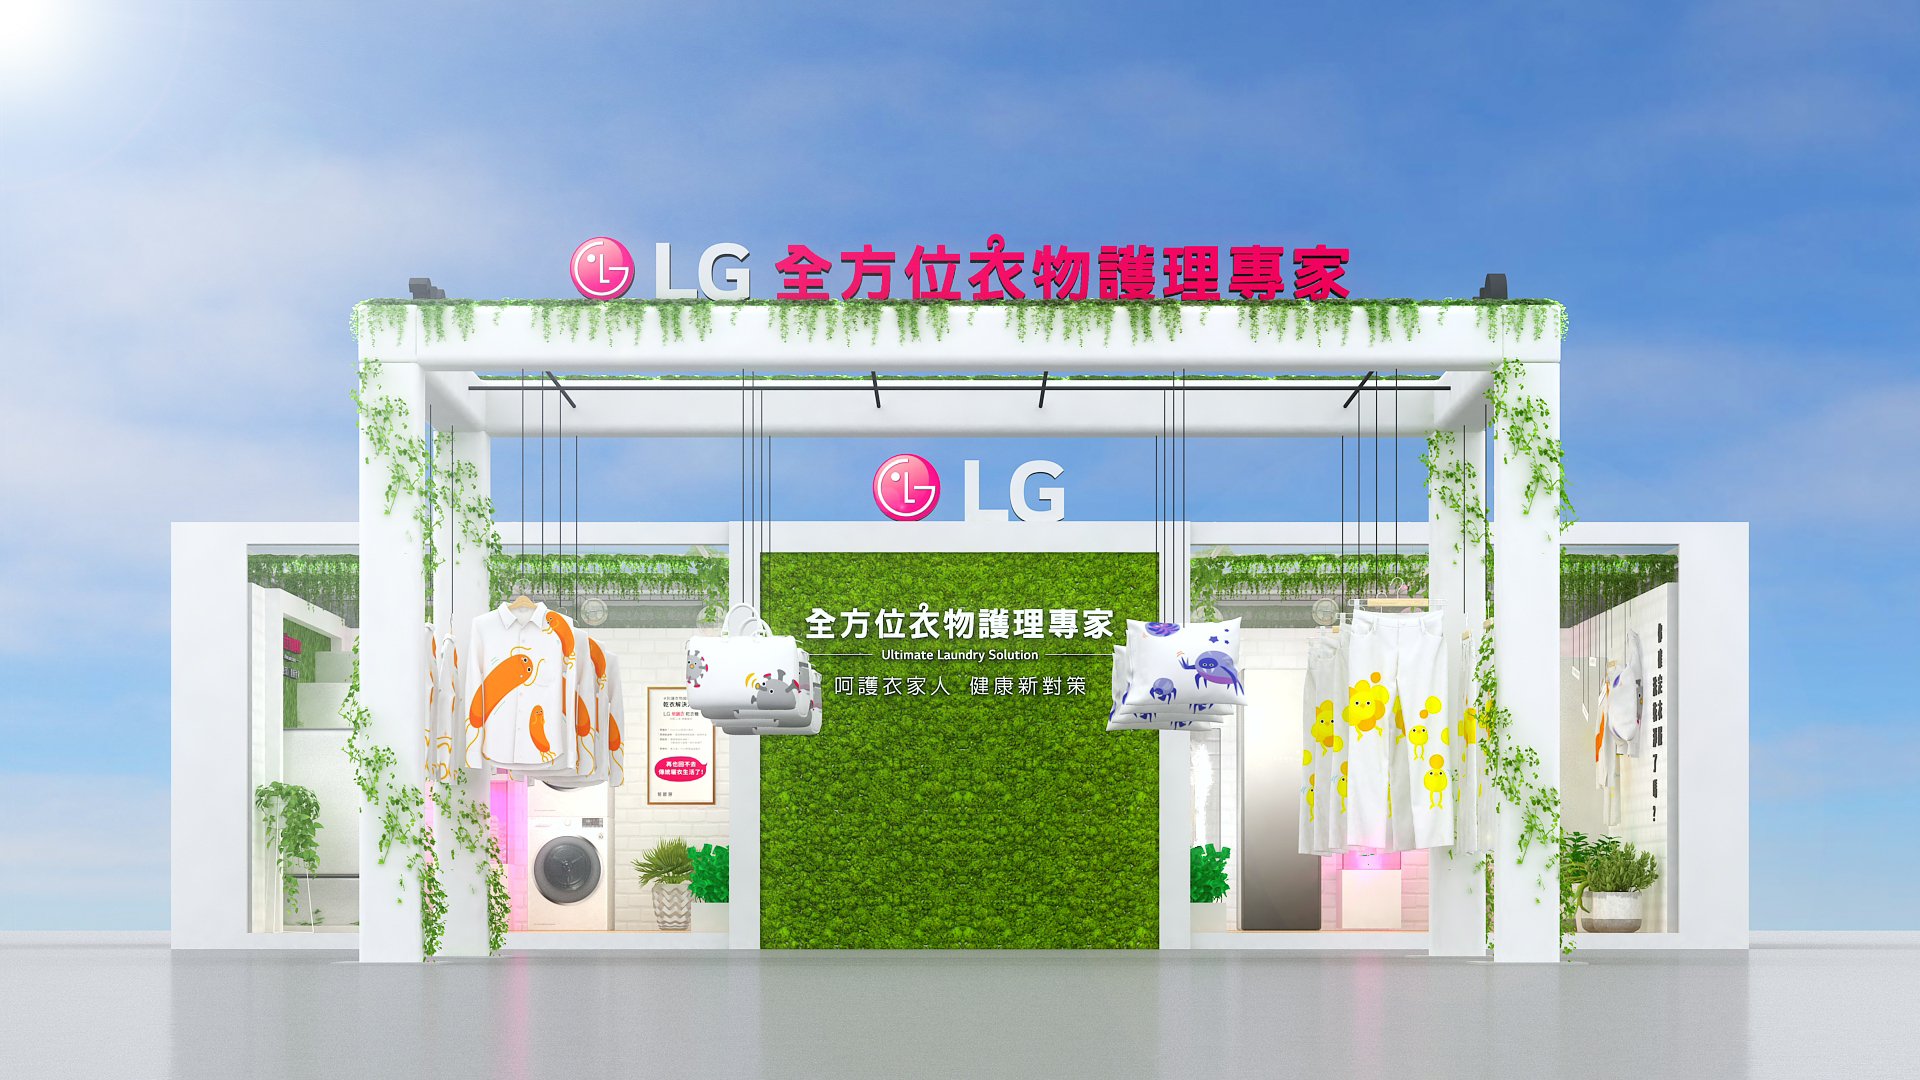 搶媽媽商機!家電品牌齊推優質電器 LG打造快閃店倡導居家一站式衣物護理